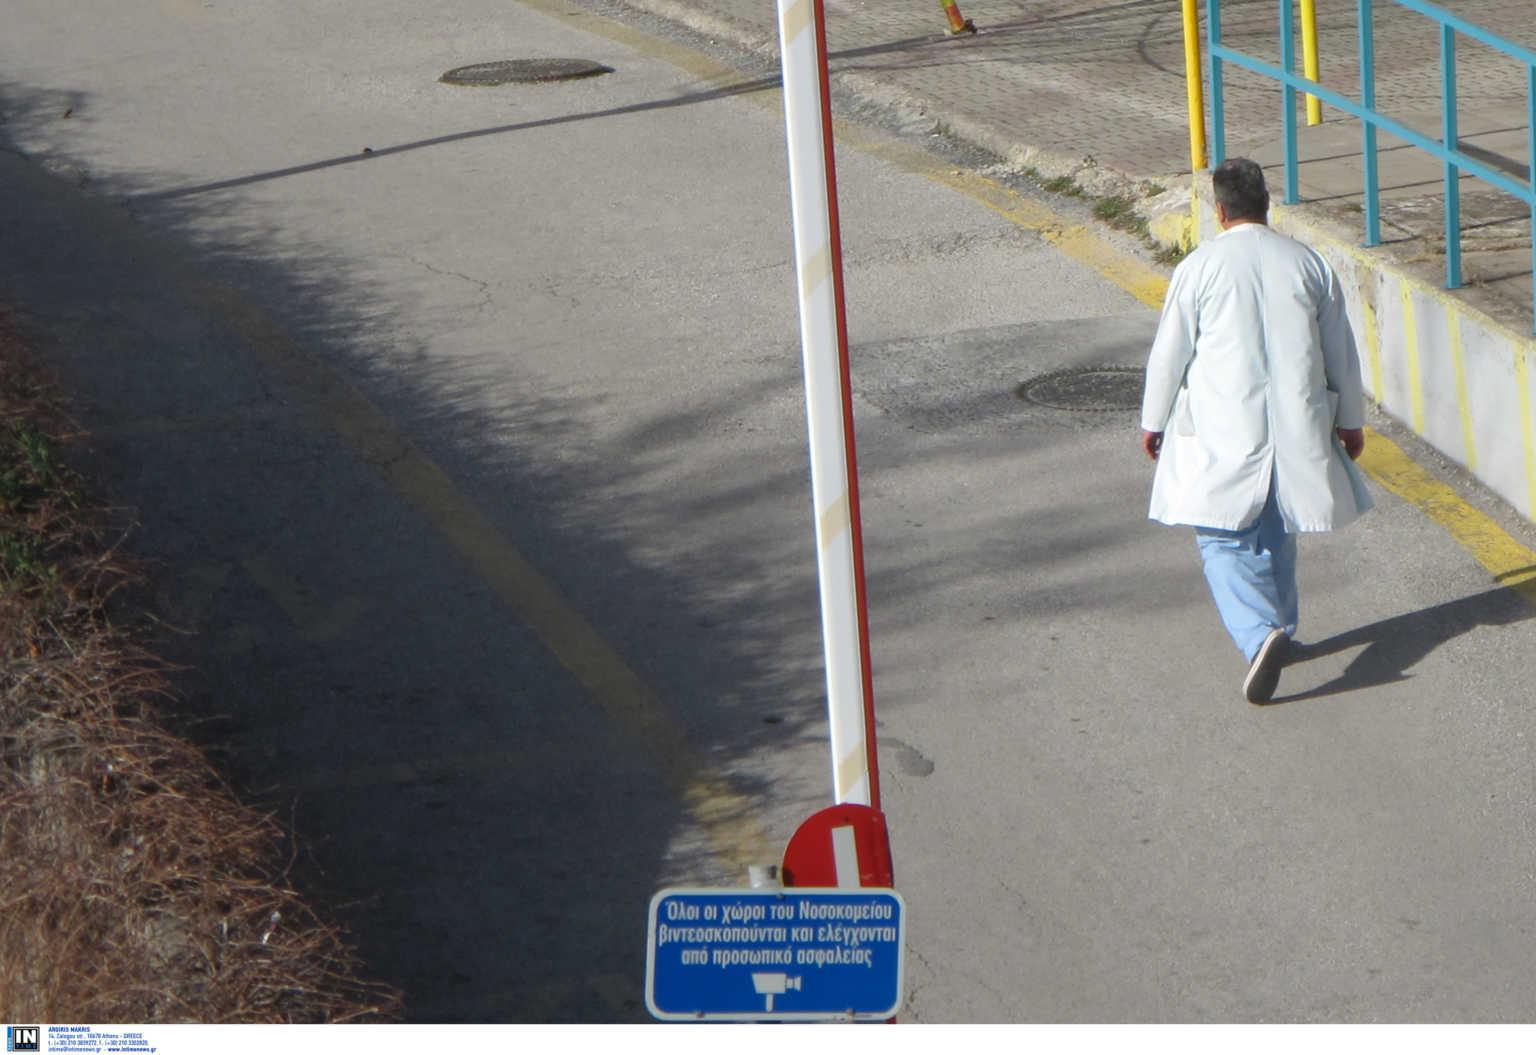 Σε νοσοκομείο της Αθήνας εργάζεται  το παιδί του 67χρονου, 9ο κρούσμα του κορονοϊού